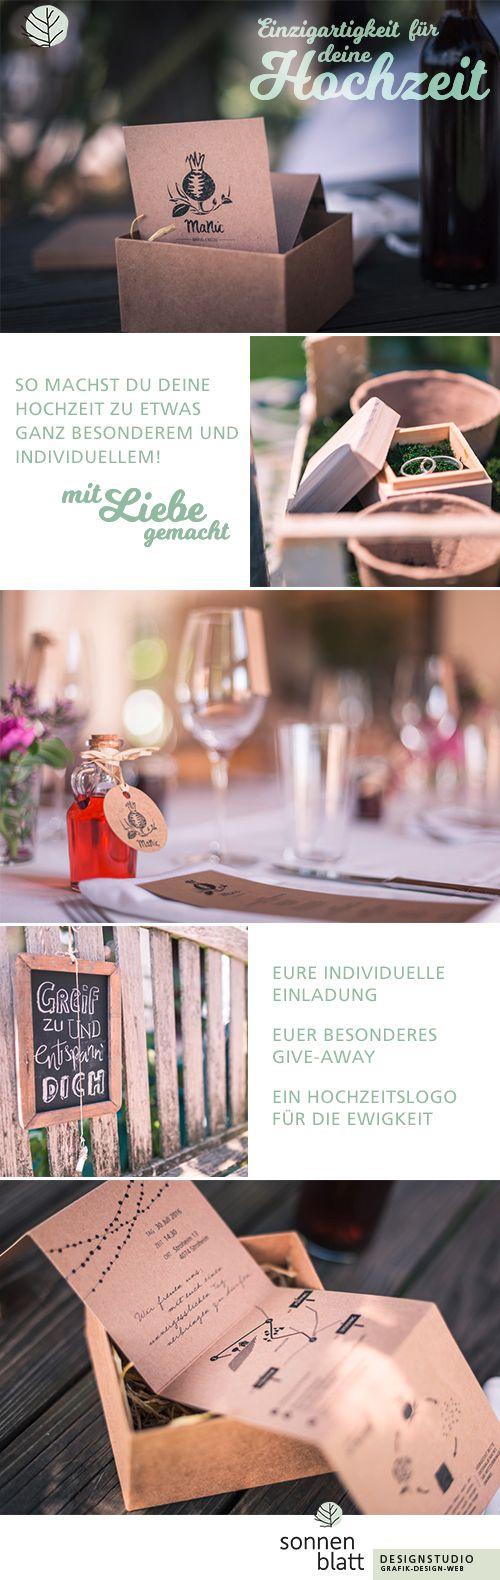 26 best Hochzeitslocation images on Pinterest | Restaurant ...